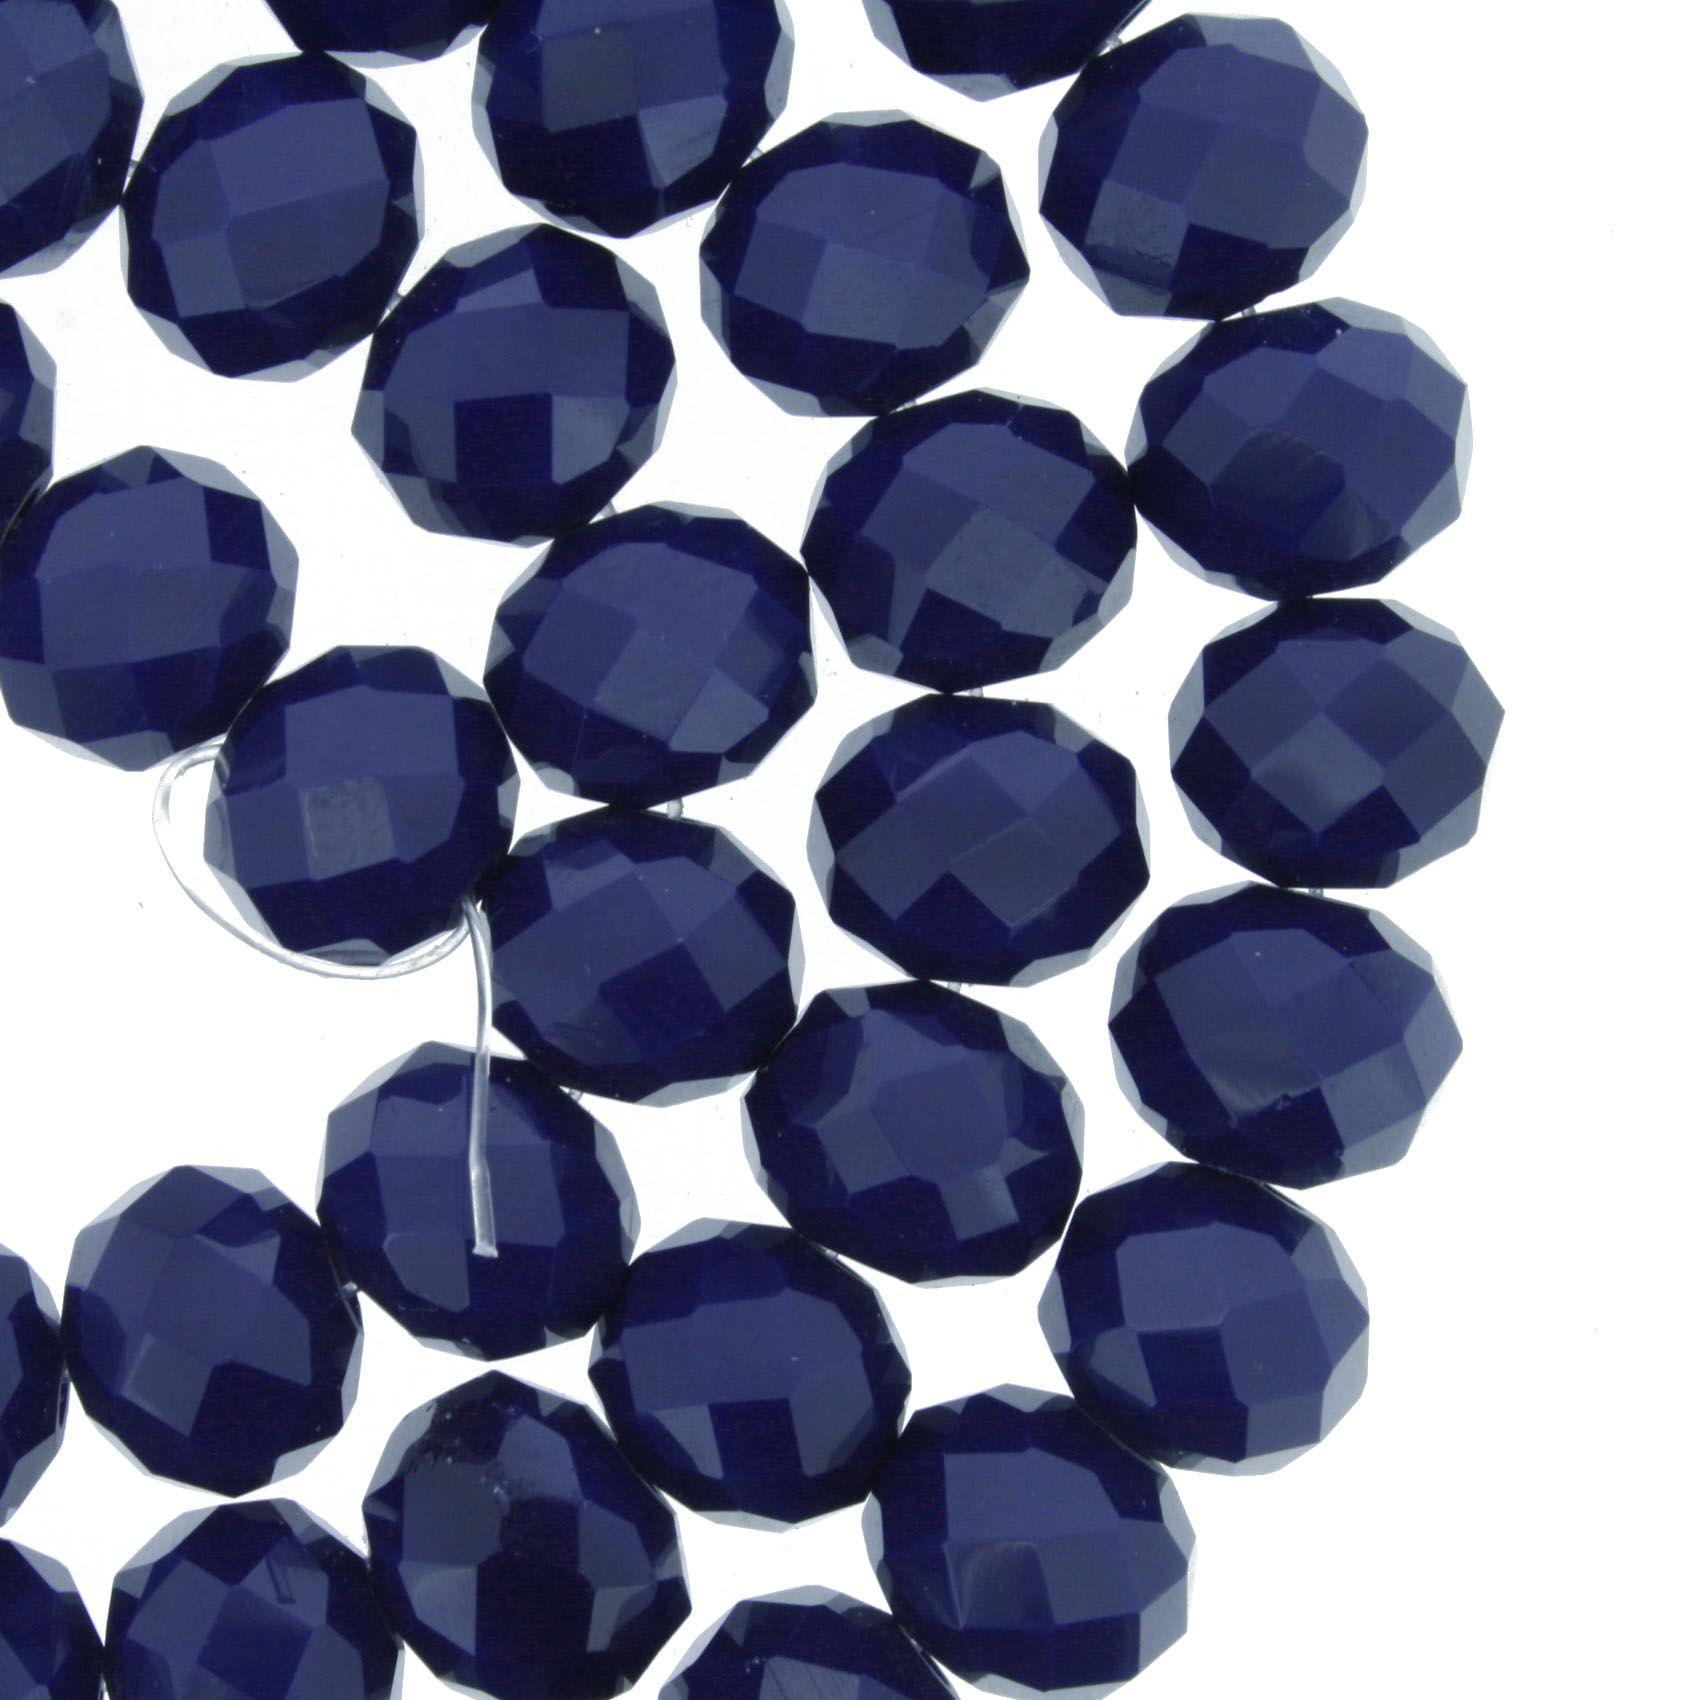 Fio de Cristal - Flat® - Azul Marinho - 10mm  - Stéphanie Bijoux® - Peças para Bijuterias e Artesanato